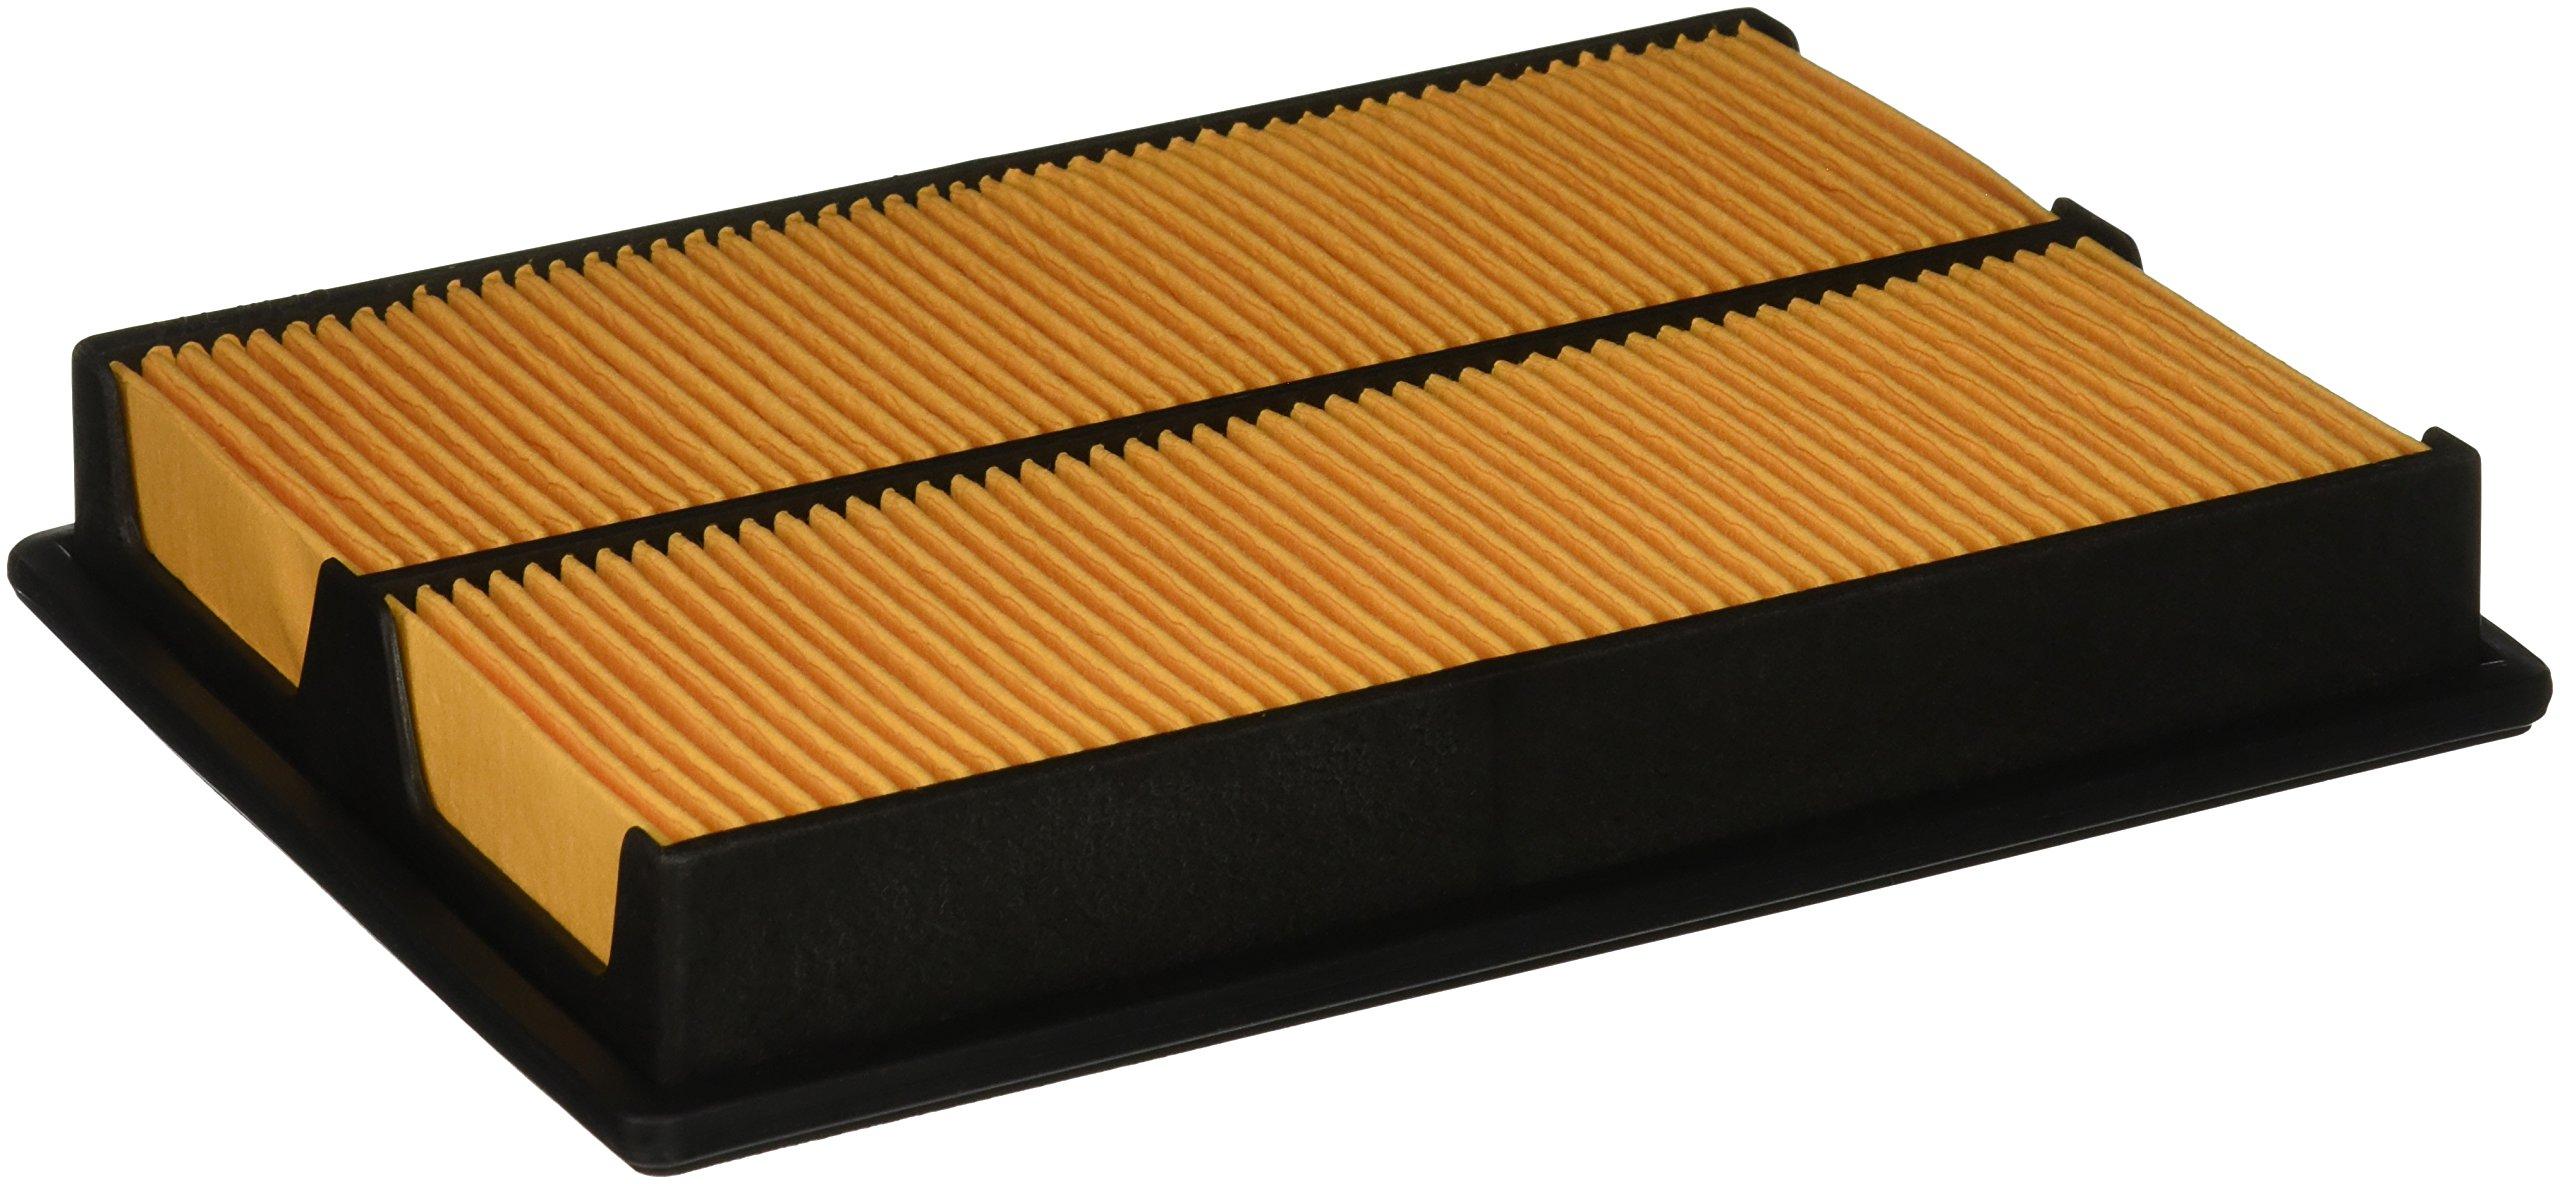 Stens Air Filter Combo / Honda 17210-ZJ1-842 (102-164)